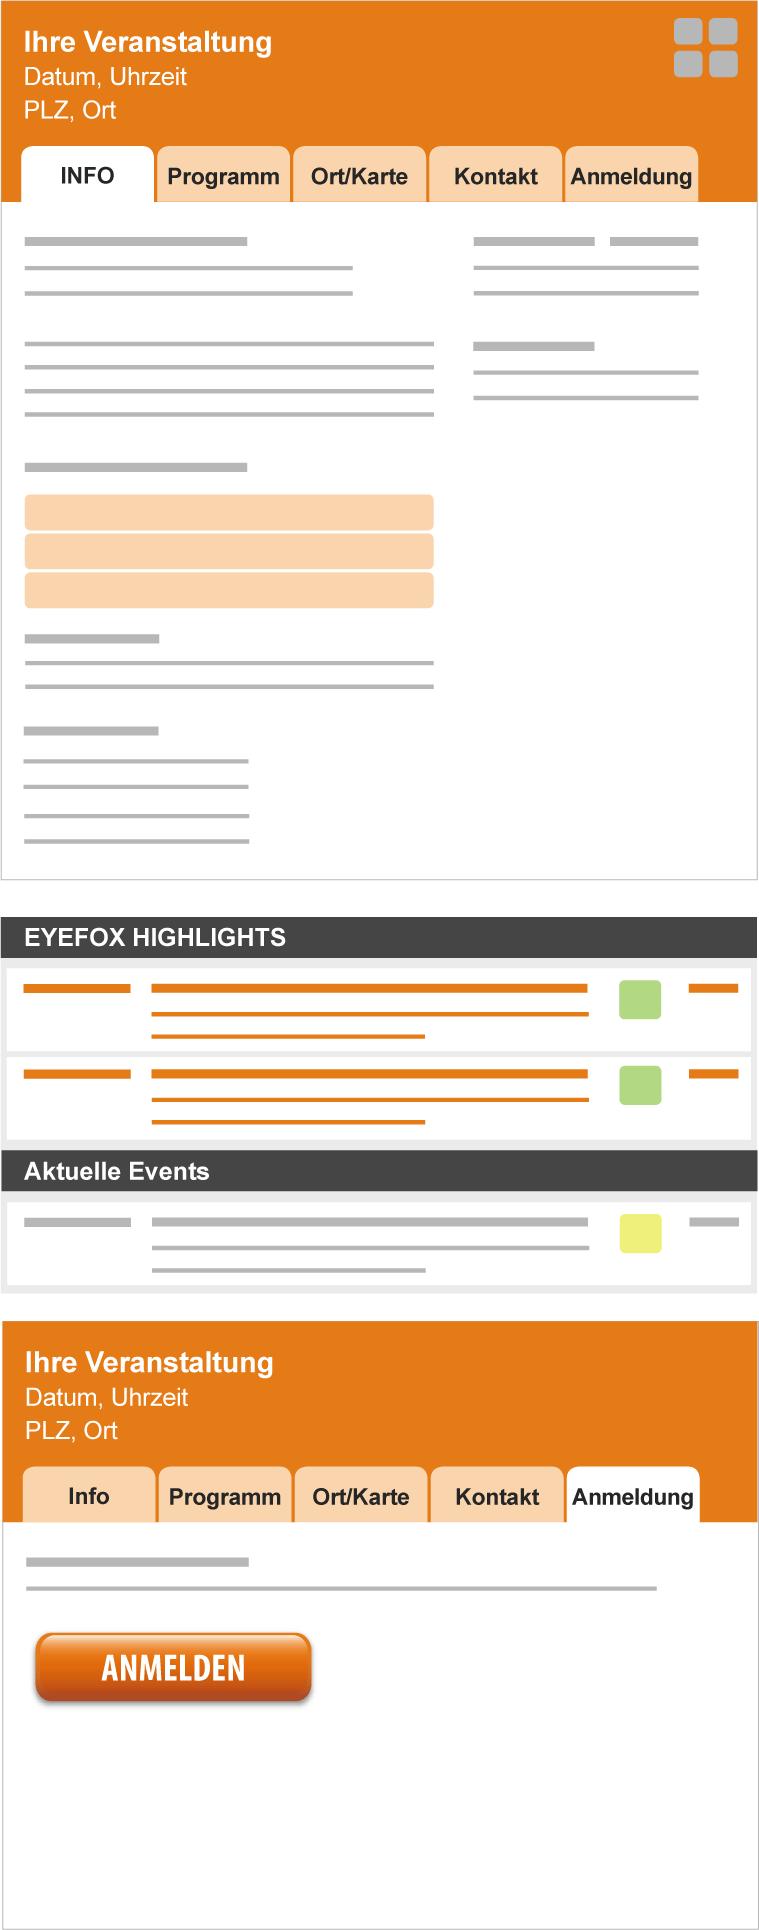 Firmenindex und Produkte auf EYEFOX.com